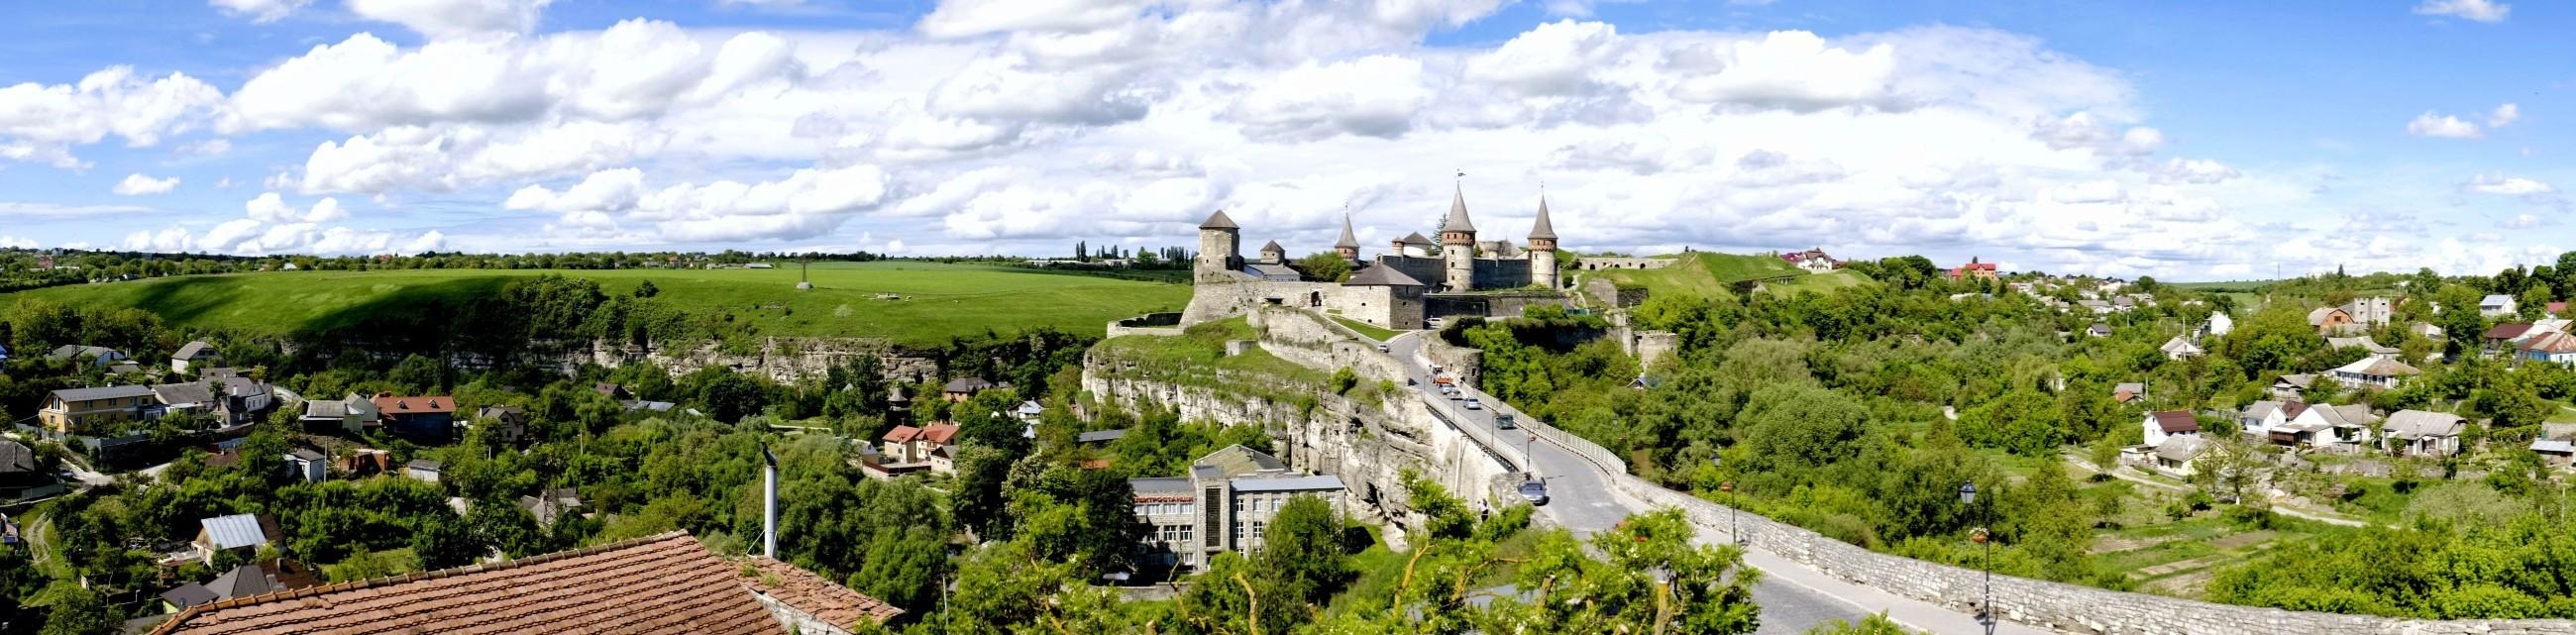 Zamek w Kamieńcu Podolskim w maju